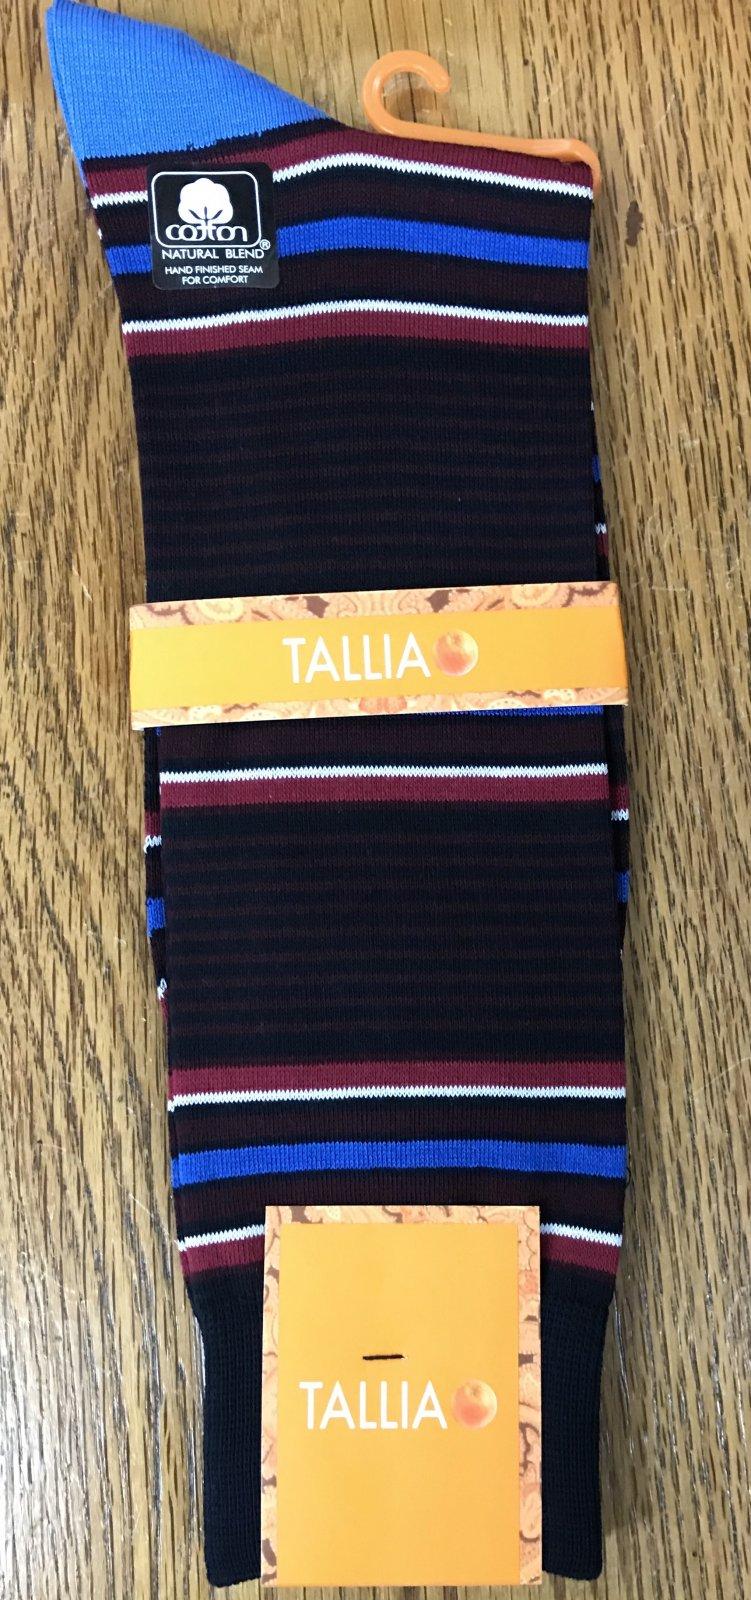 Tallia TS7202 Socks